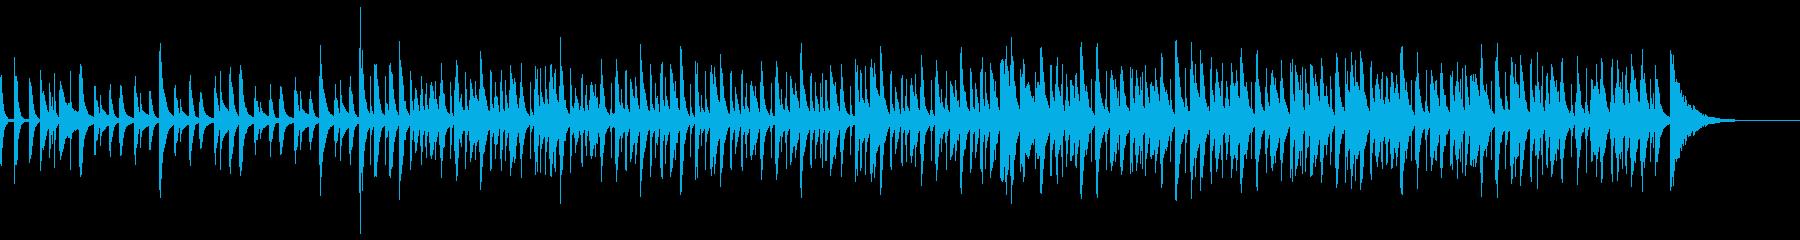 60秒子供、ペットなどカワイイ系BGM1の再生済みの波形